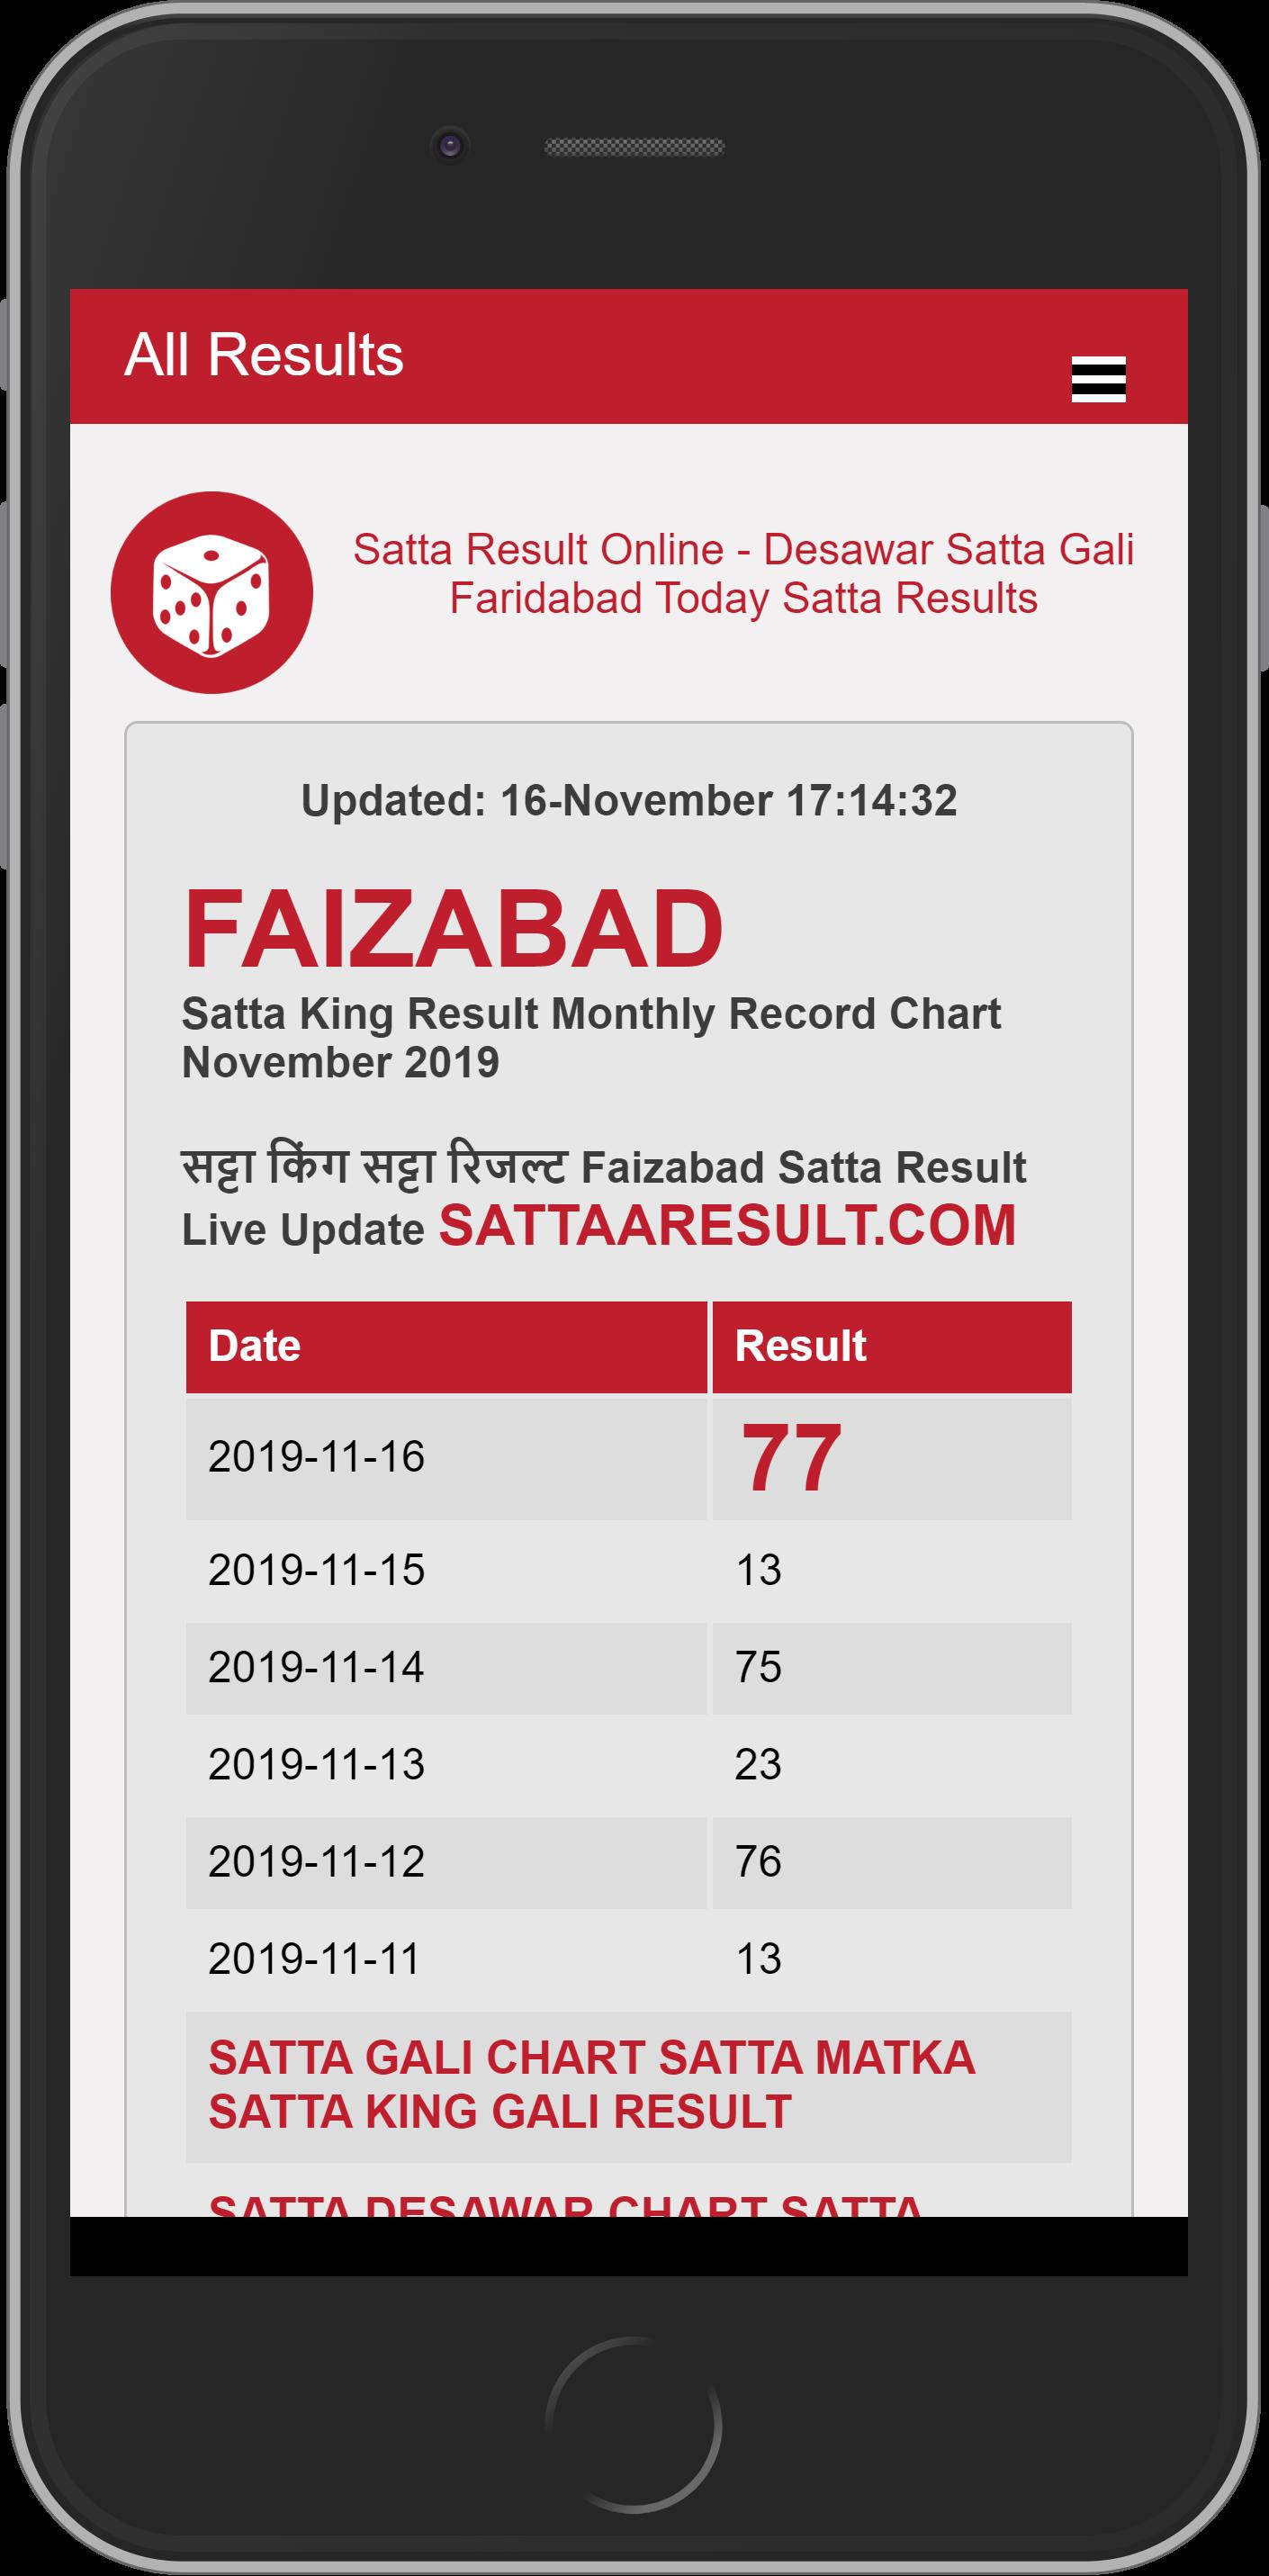 Satta Faizabad Satta King Result Monthly Faizabad Satta Record